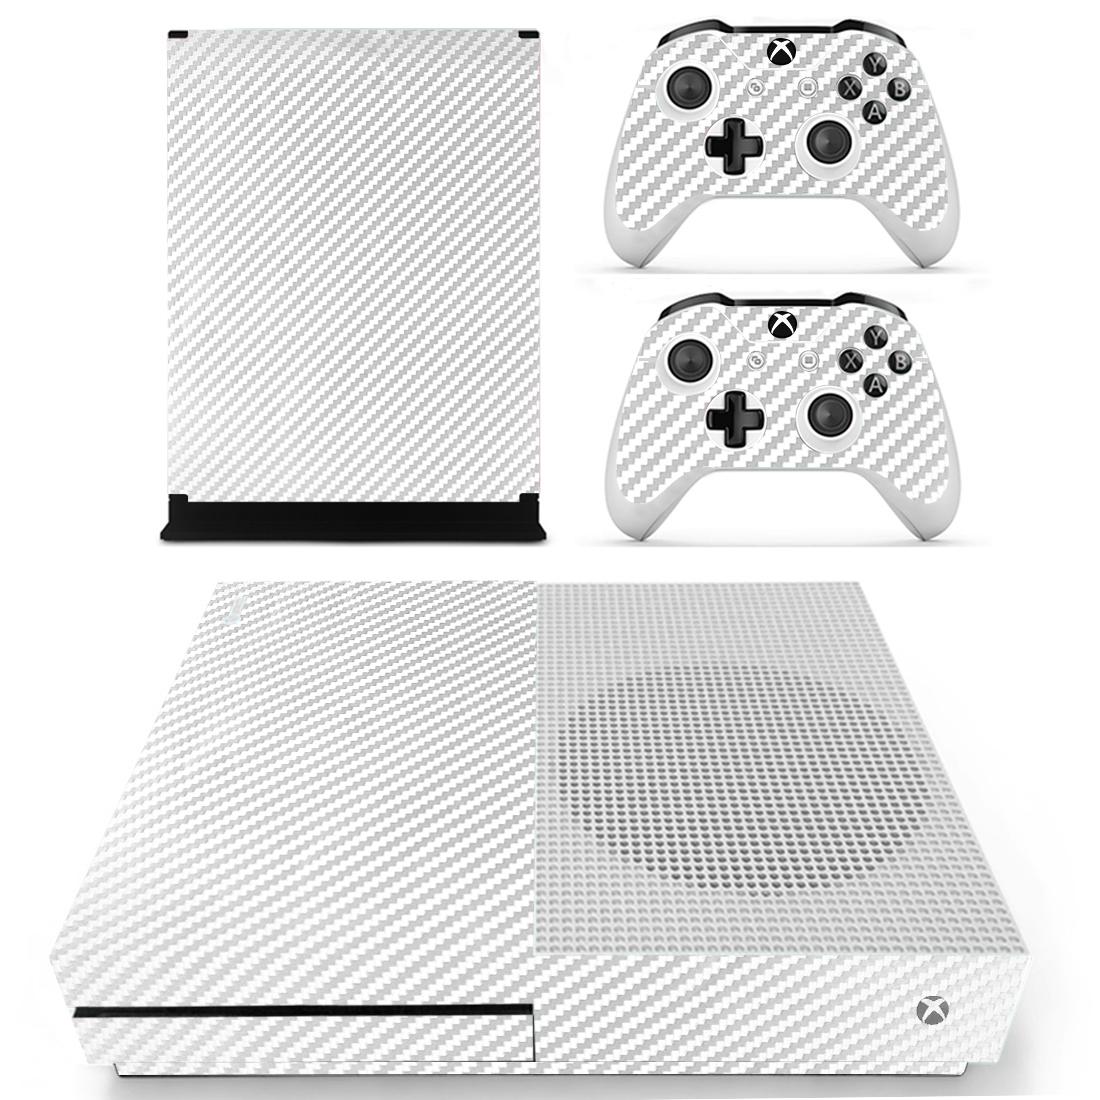 White Xbox One S Skin